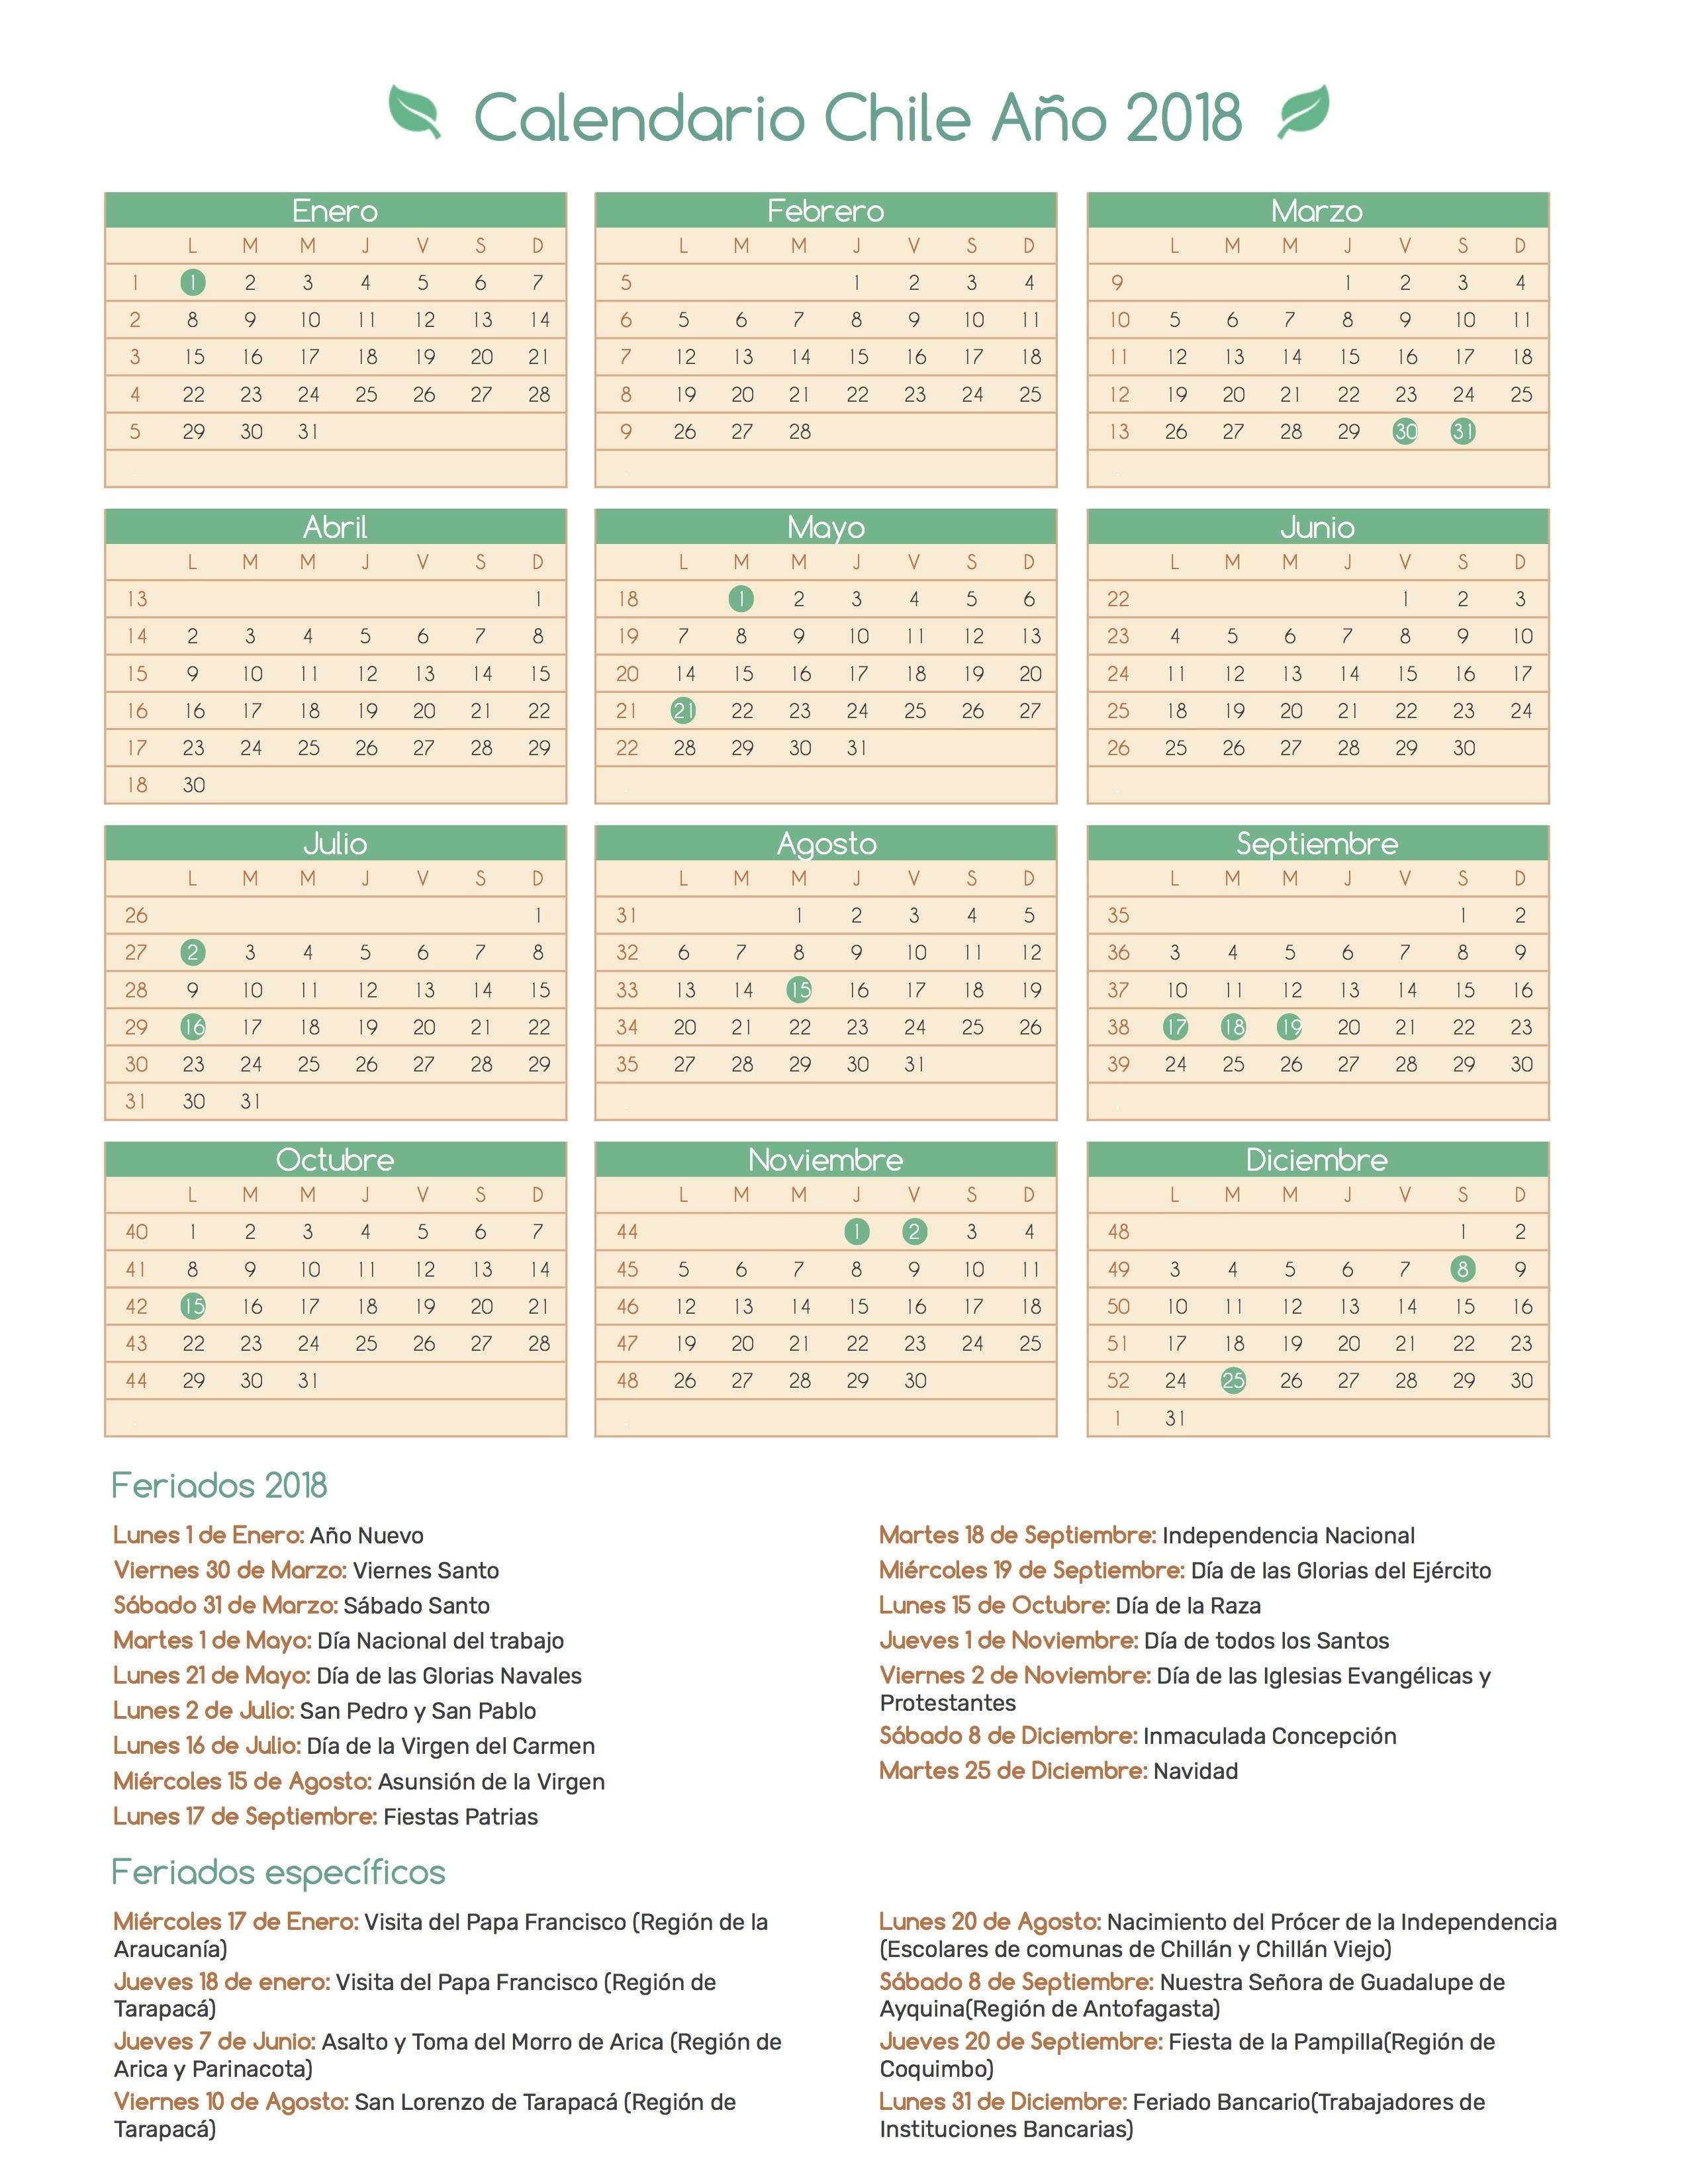 Calendario Chile A±o 2018